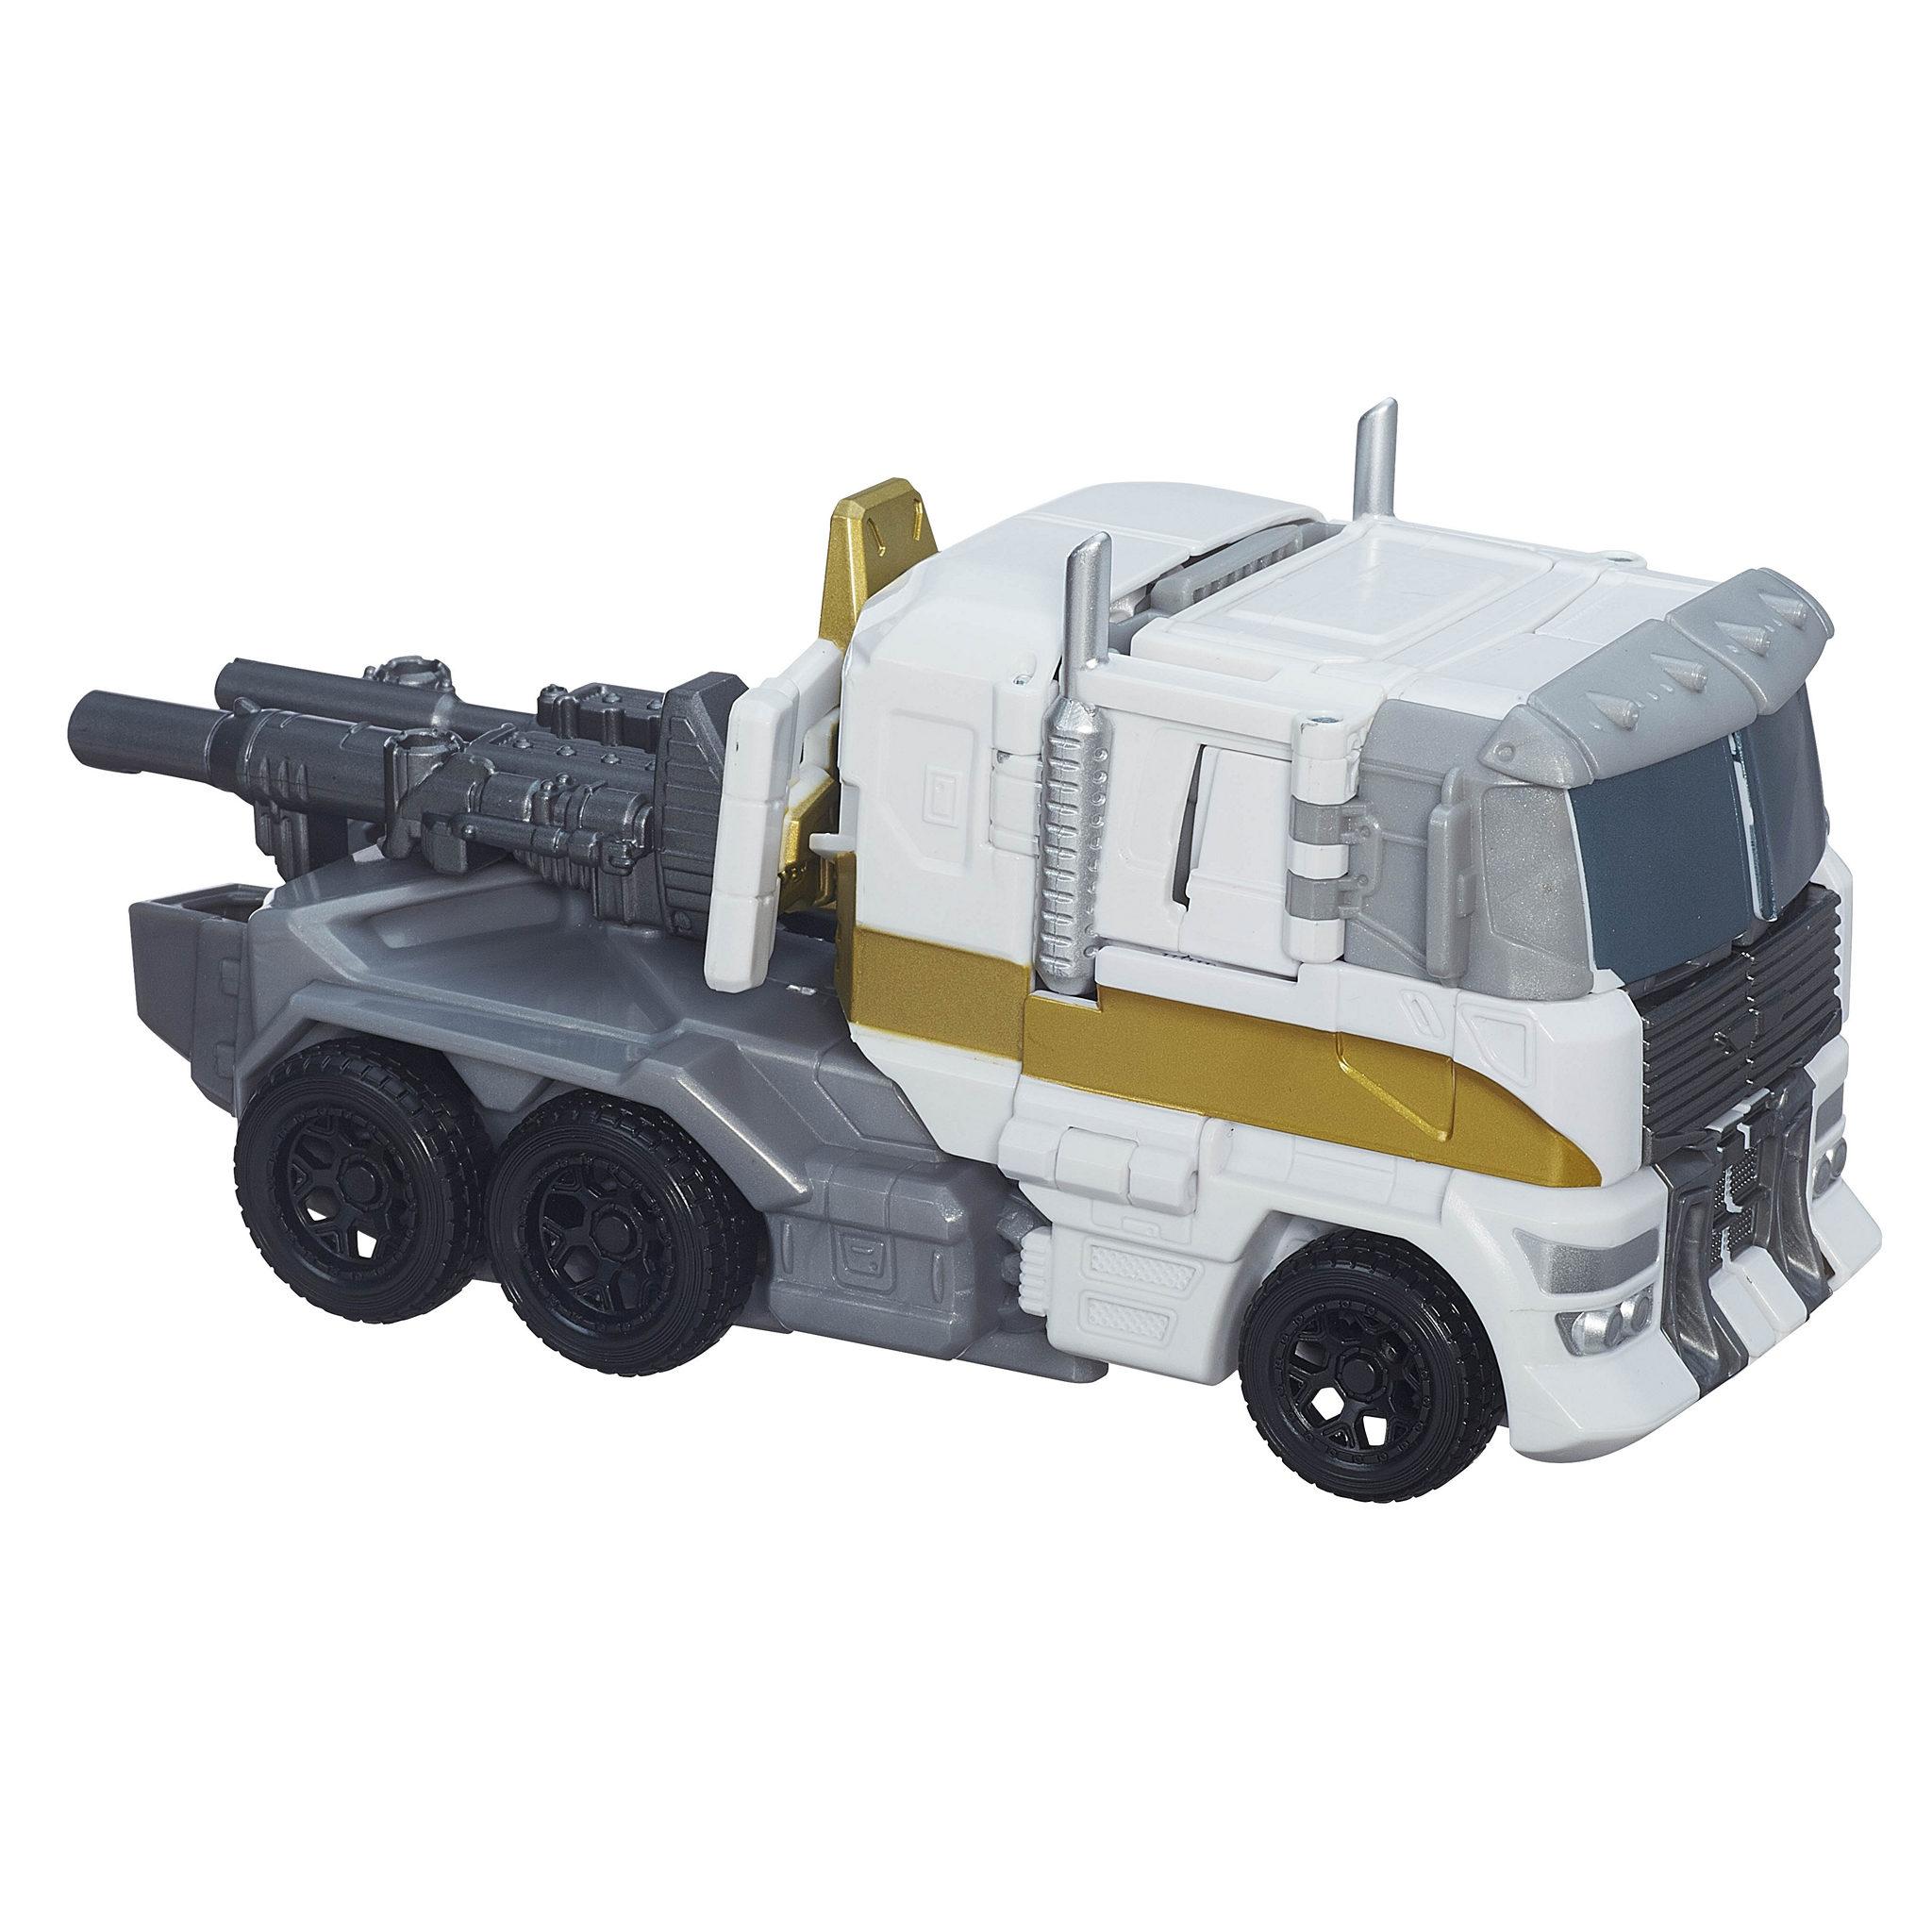 Voyager-Binary-Armor-OP-Vehicle.jpg